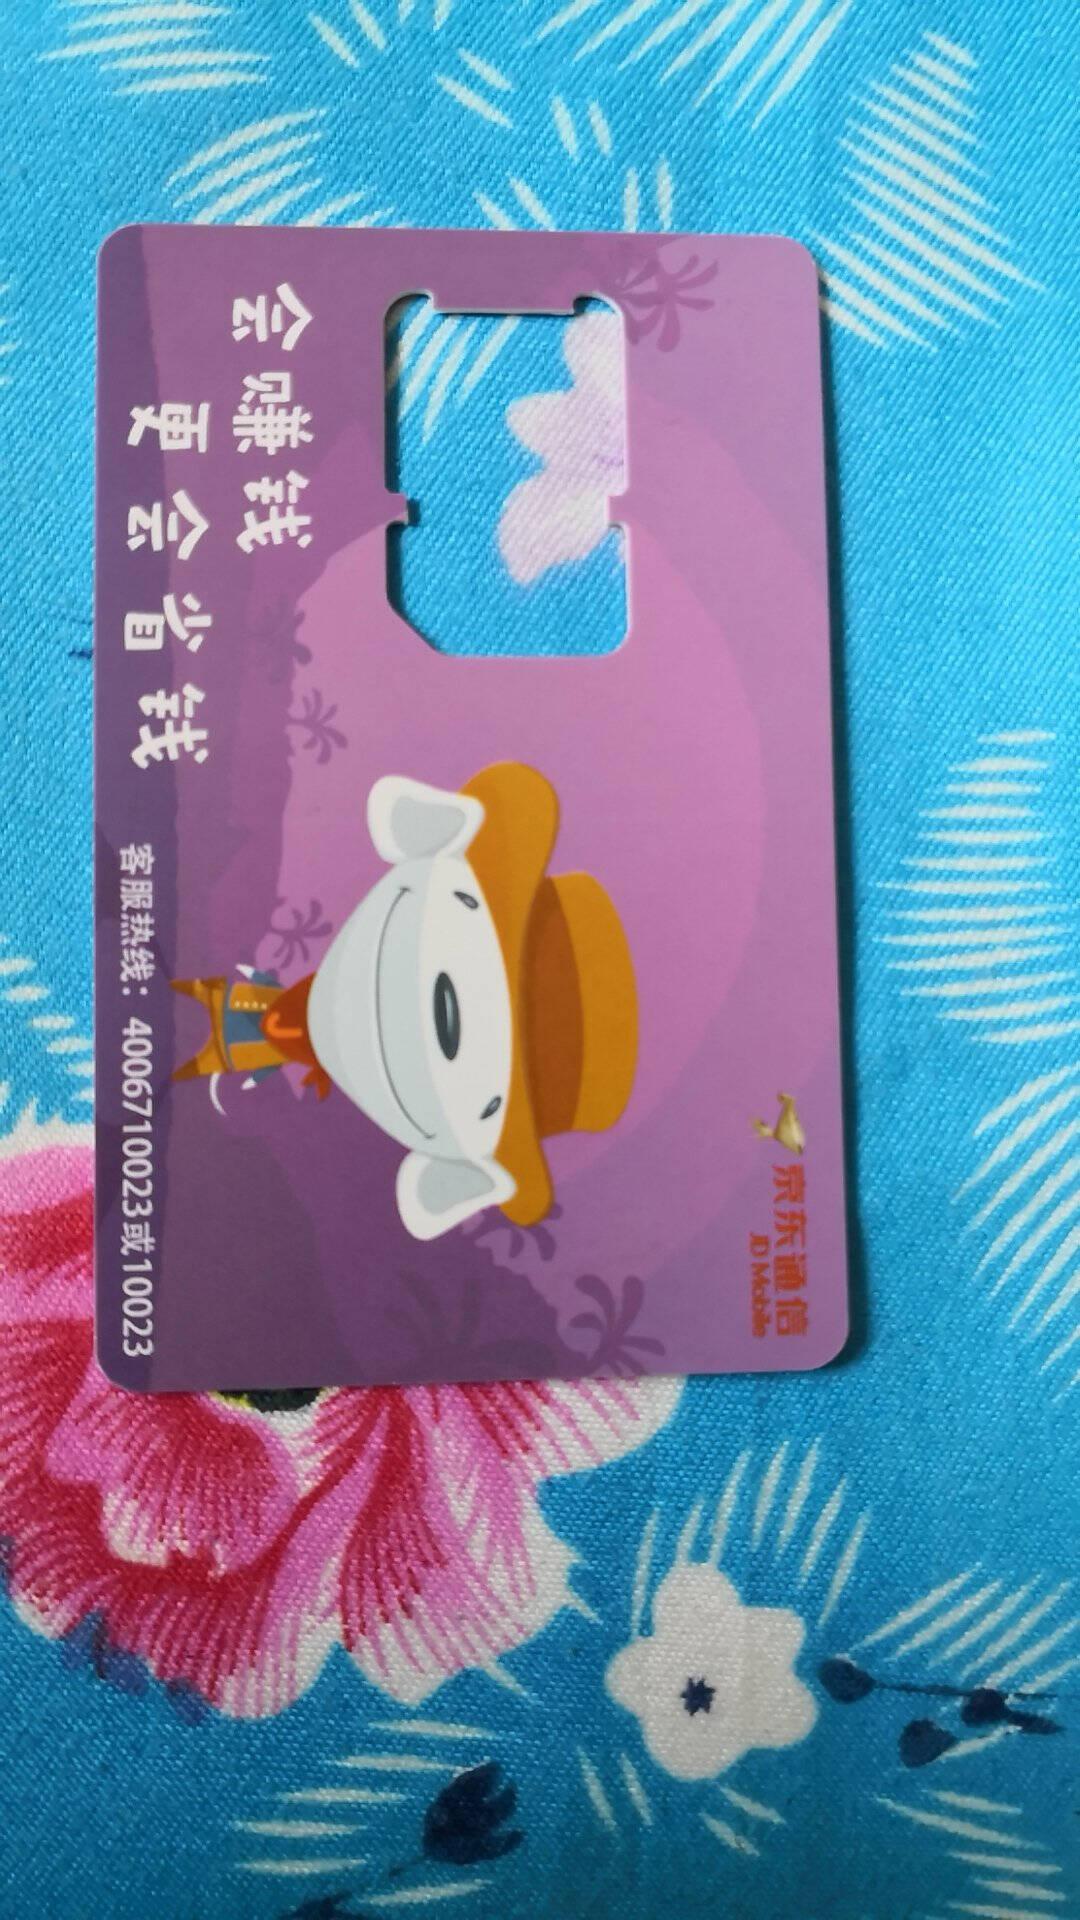 京东通信流量卡手机卡联通5元套餐联通卡联通流量卡低月租中国联通手机号号卡